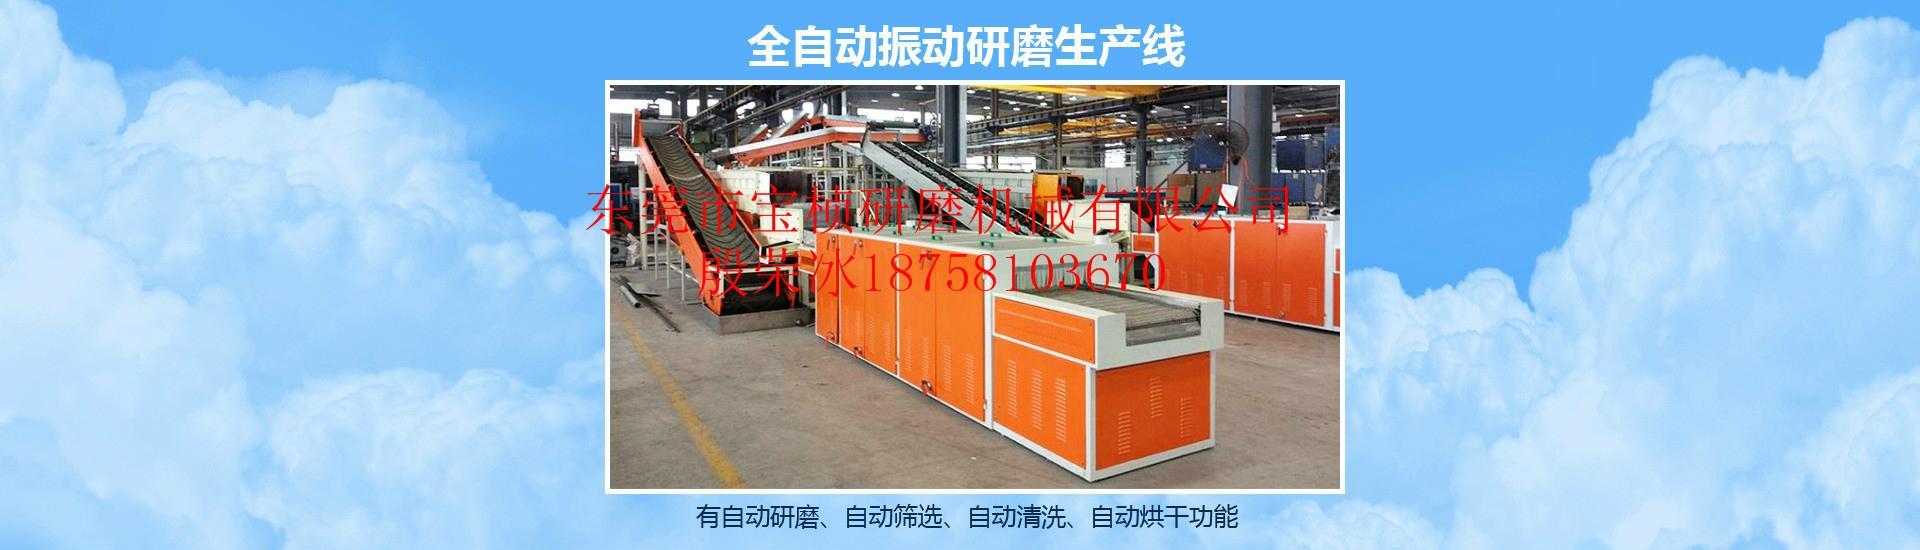 全自動隧道式研磨生產線 2